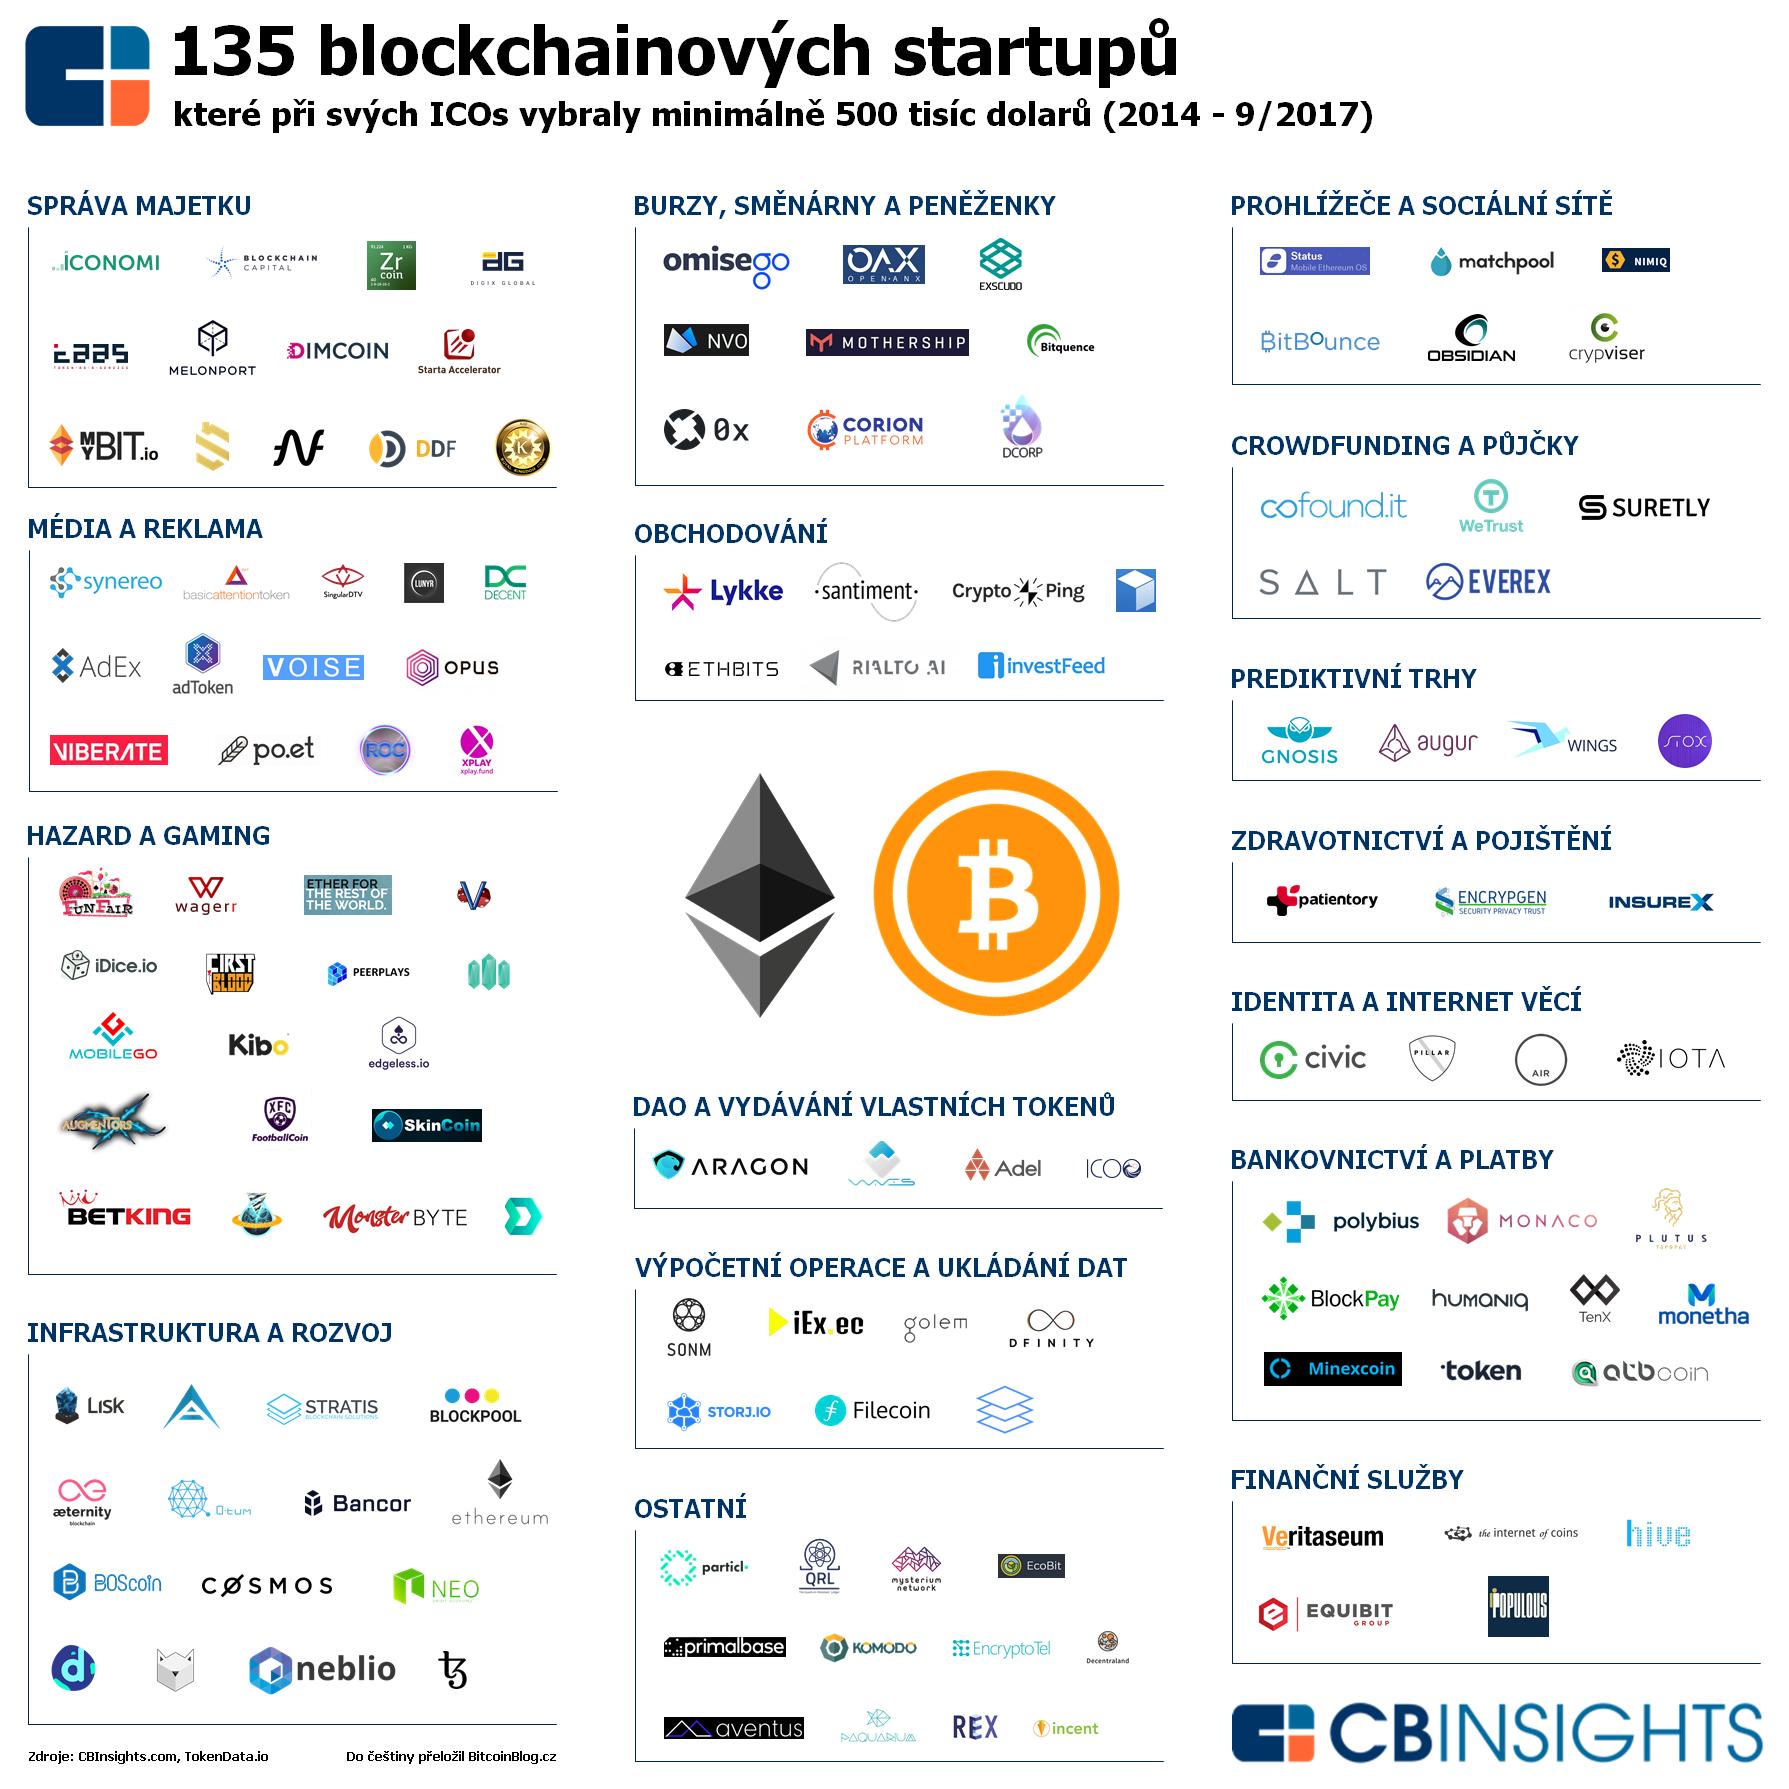 Infografika zobrazuje 135 blockchainových startupů, které při svých ICOs vybraly minimálně 500 tisíc dolarů (od roku 2014 do září 2017)